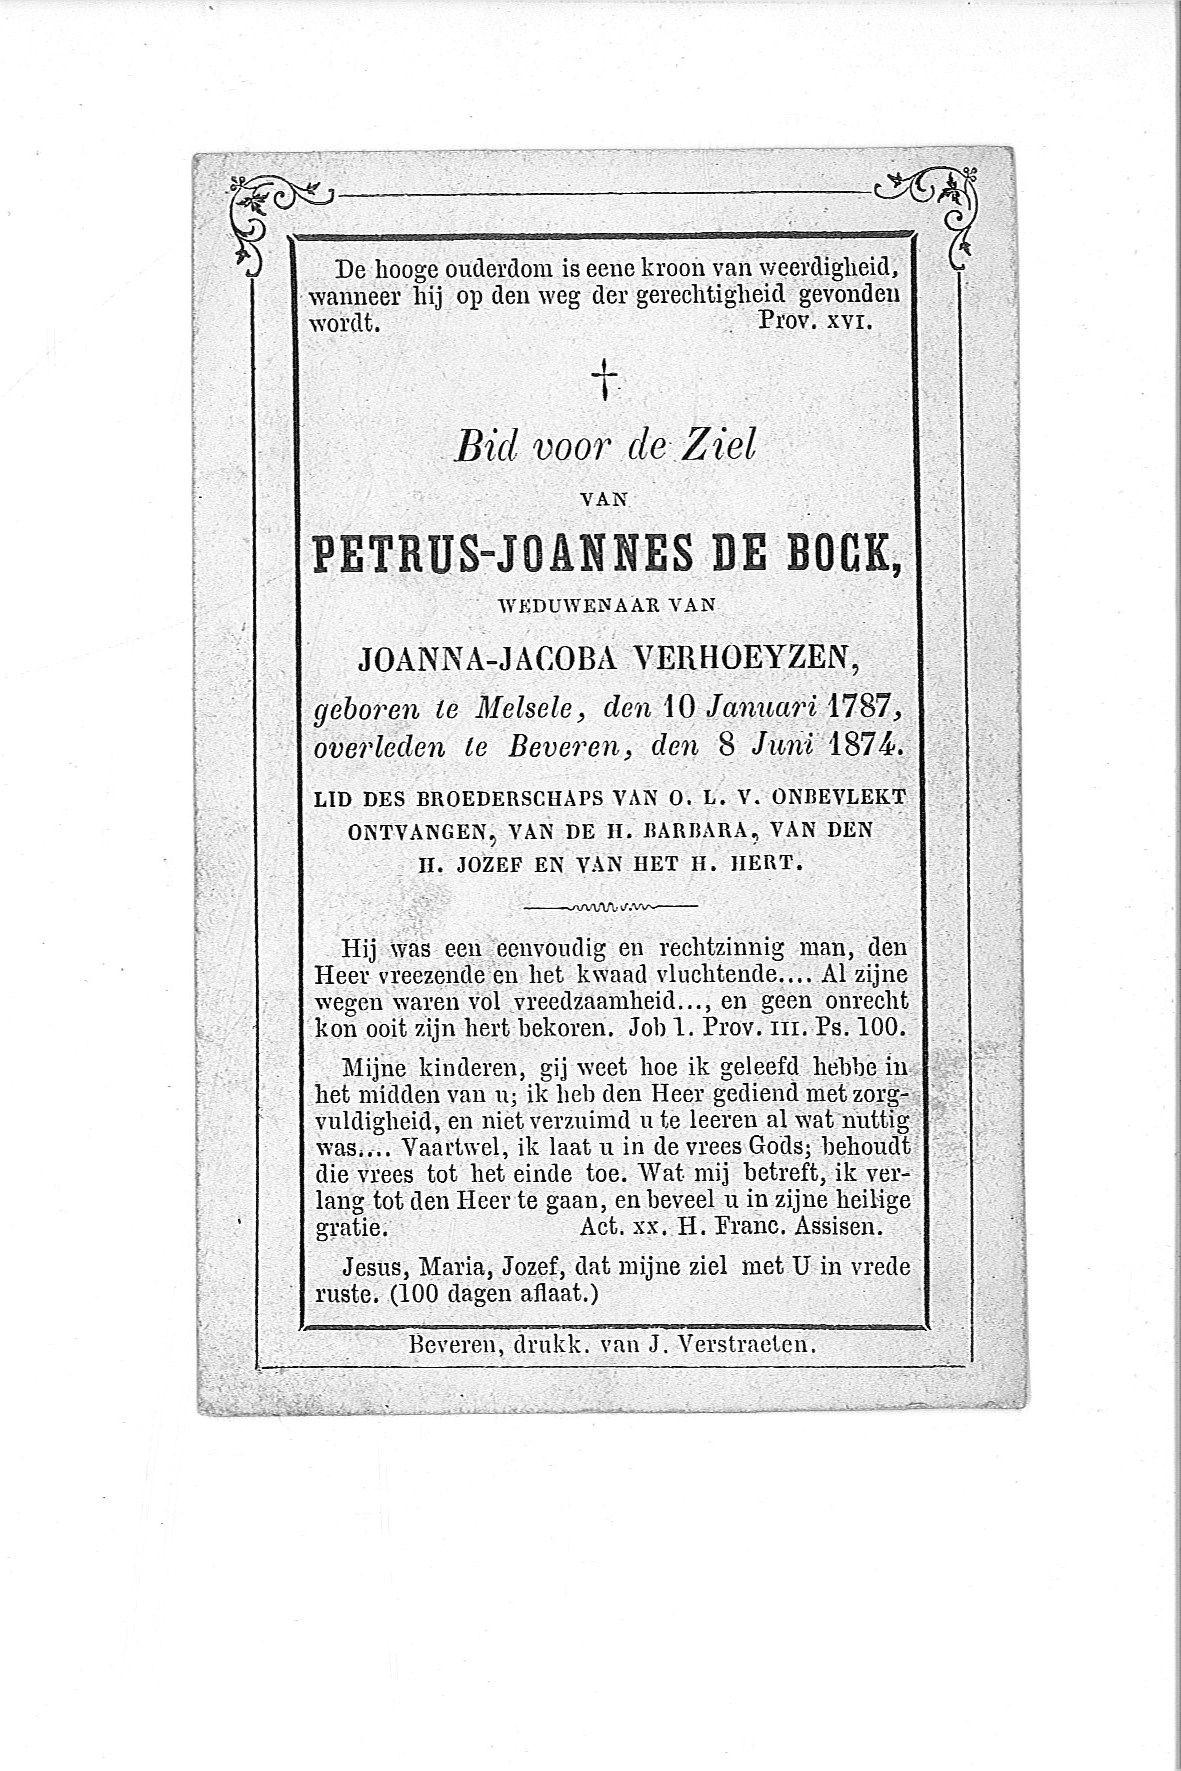 petrus-joannes(1874)20090409100949_00049.jpg